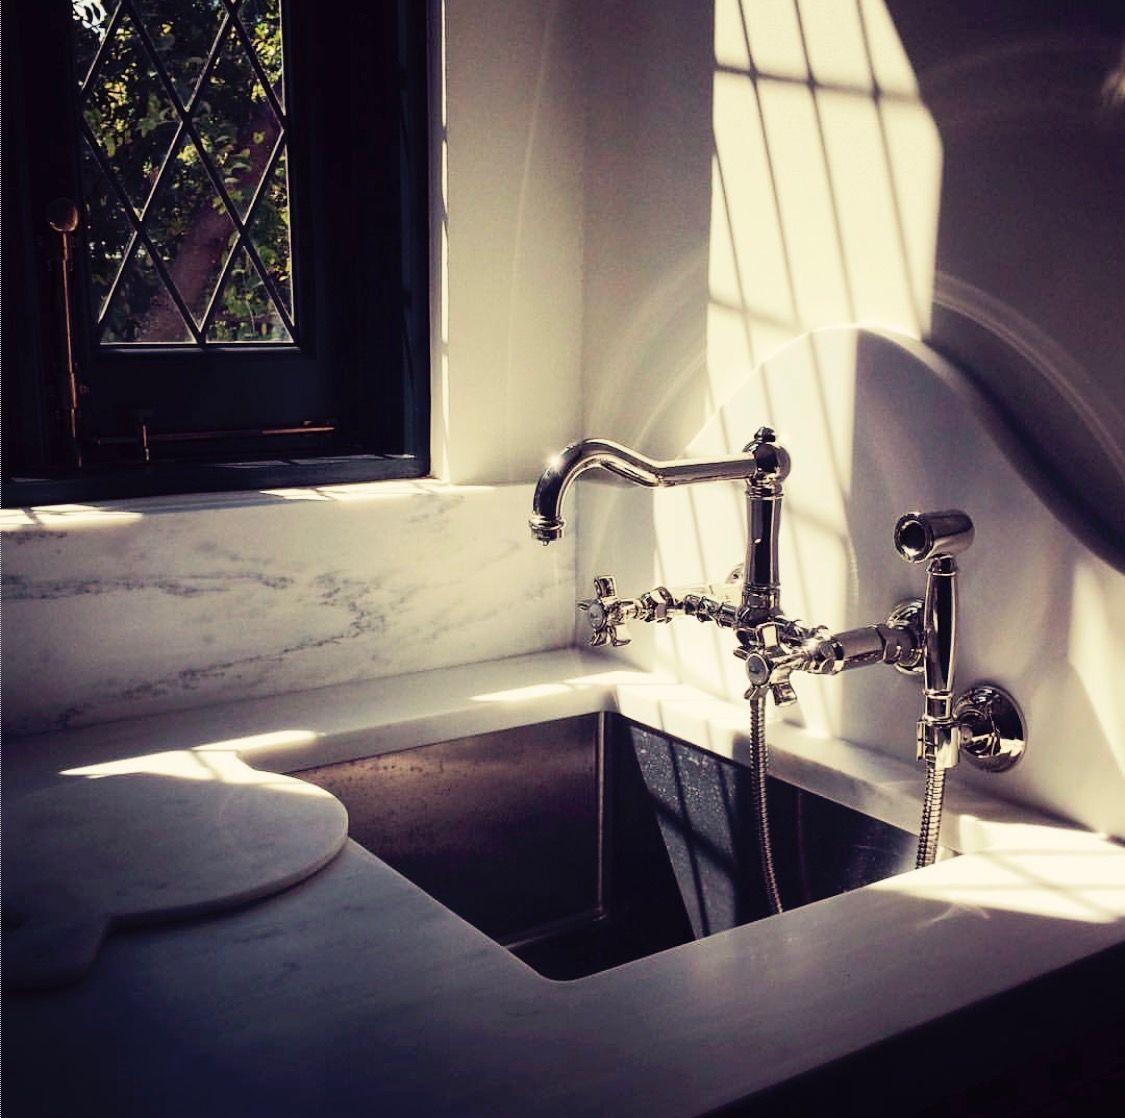 Bathroom, Bathtub, Design